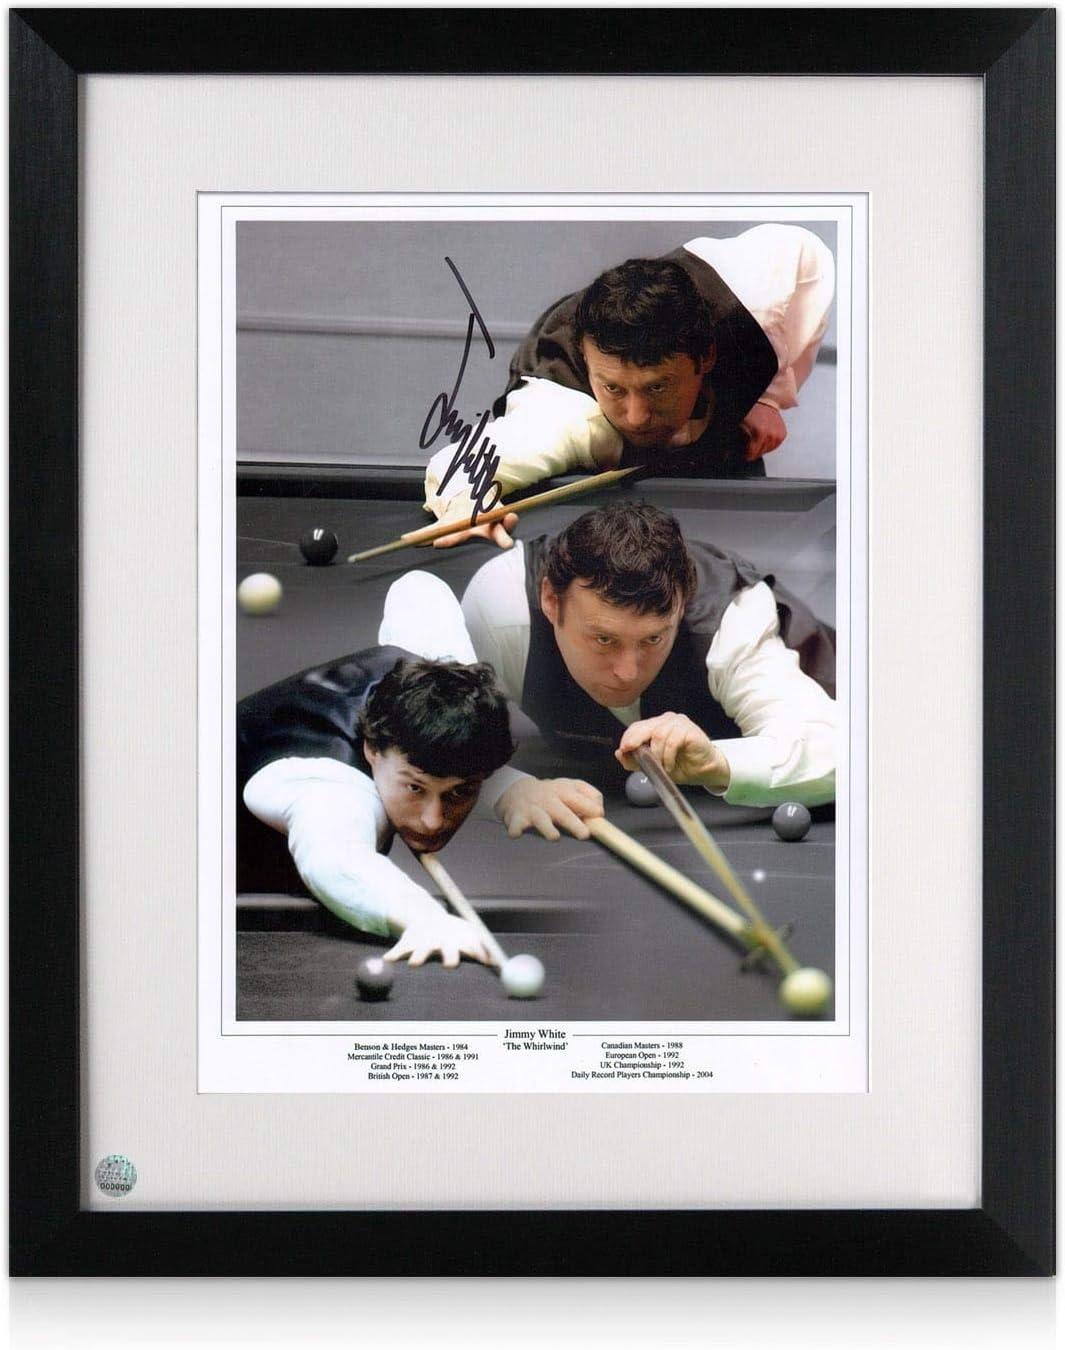 Exclusive Memorabilia - Montura para Snooker firmada con Marco de Jimmy: Amazon.es: Deportes y aire libre